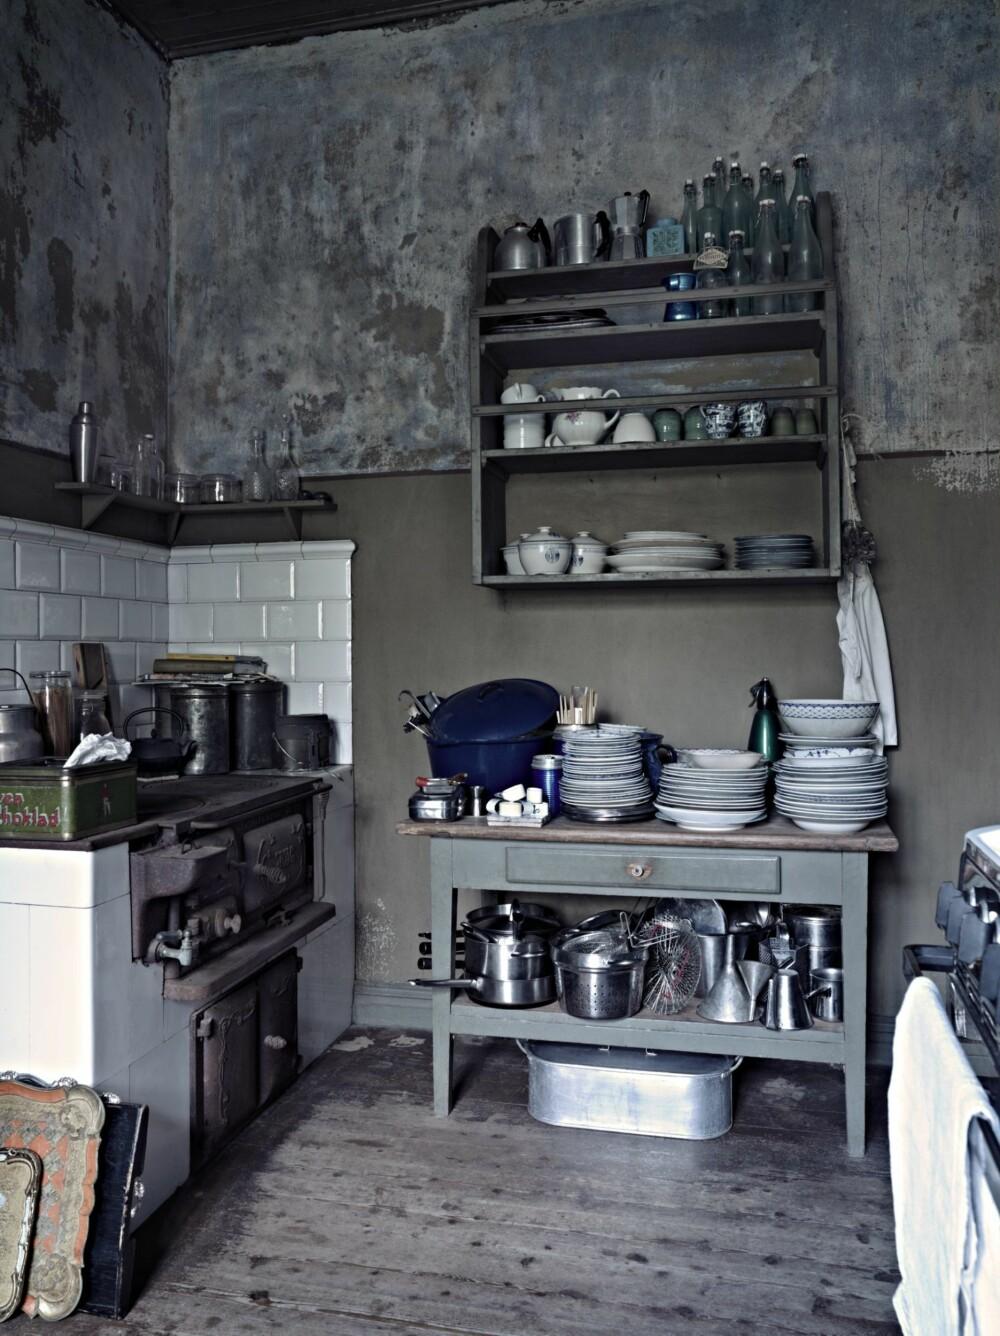 KUNSTEN Å SAMLE: Christina saumfarte loppemarkeder i området for å samle deler til det blå og hvite Alva porselenet fra Rørstrand. På veggen henger en tallerkenhylle fylt med loppemarkedskatter.